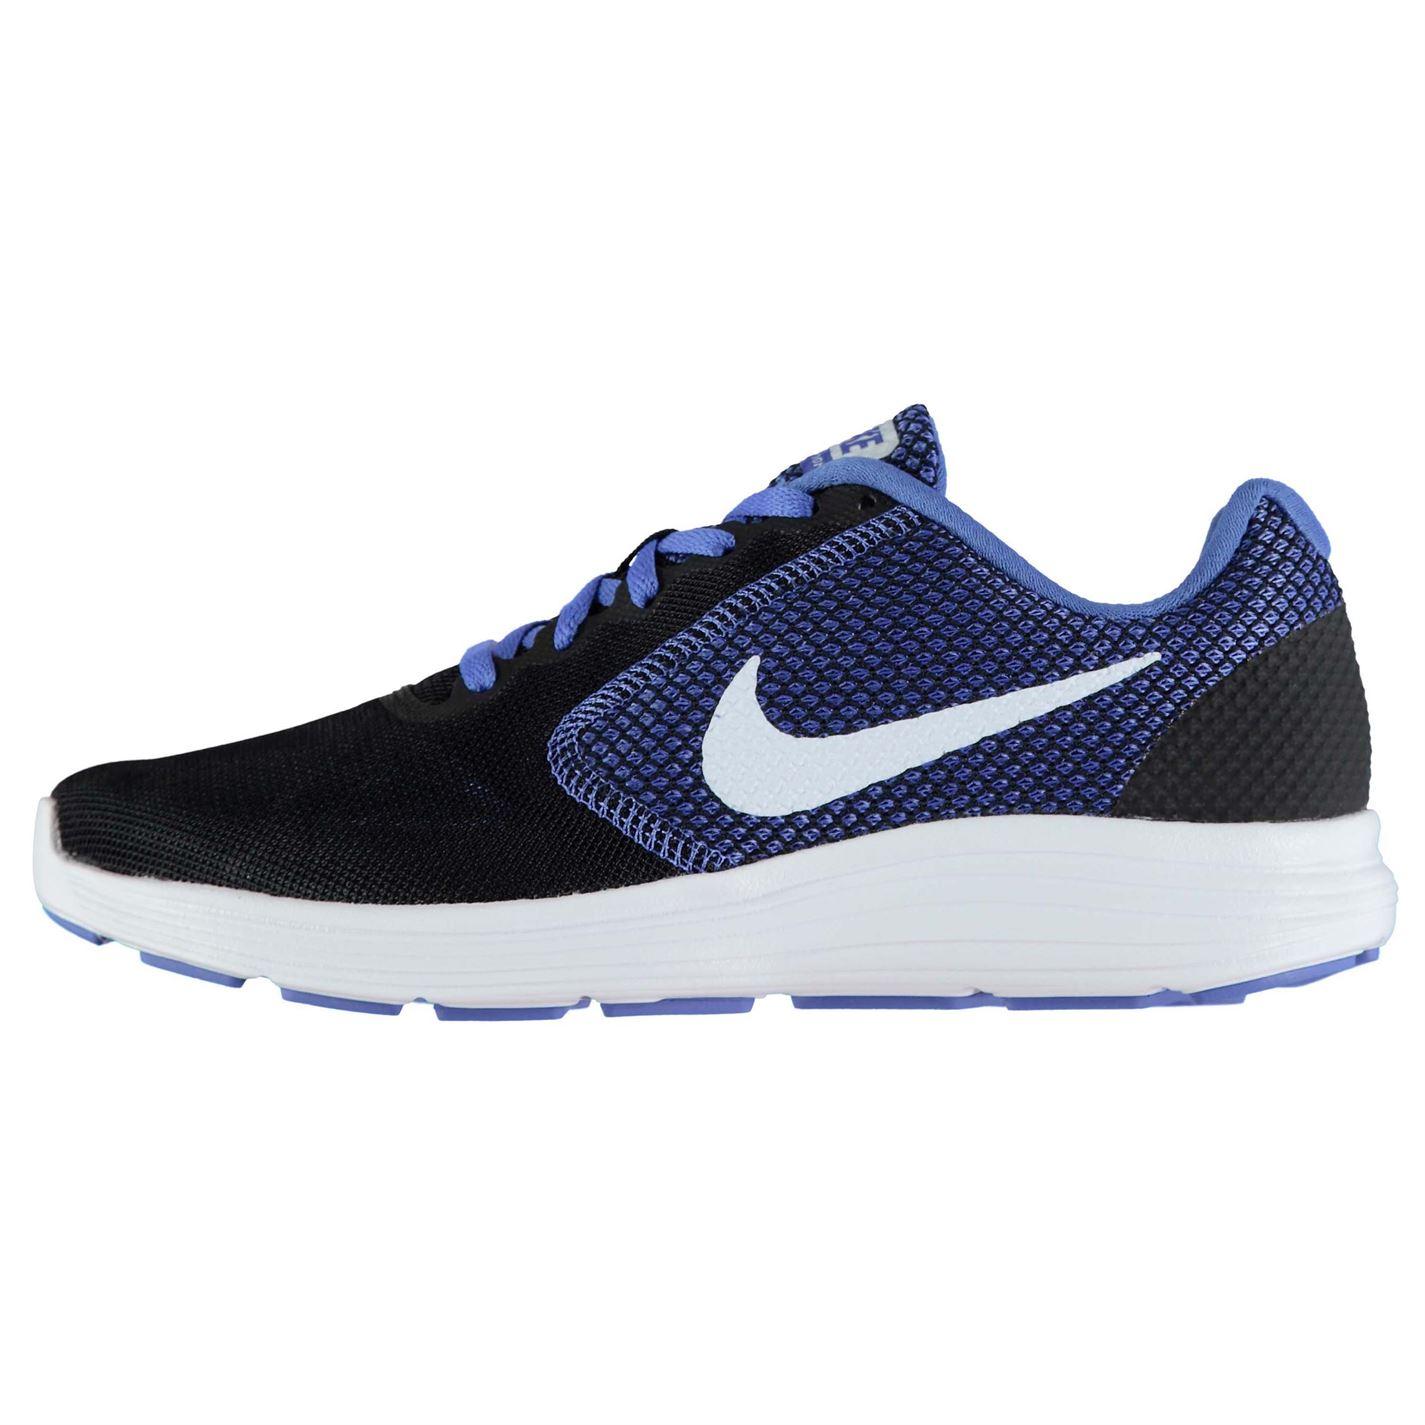 Nike Revolution 3 Běžecké boty Dámské. Nike Revolution 3 Běžecké boty Dámské   Nike Revolution 3 Běžecké boty Dámské  Nike Revolution 3 Běžecké boty Dámské 5036d97124